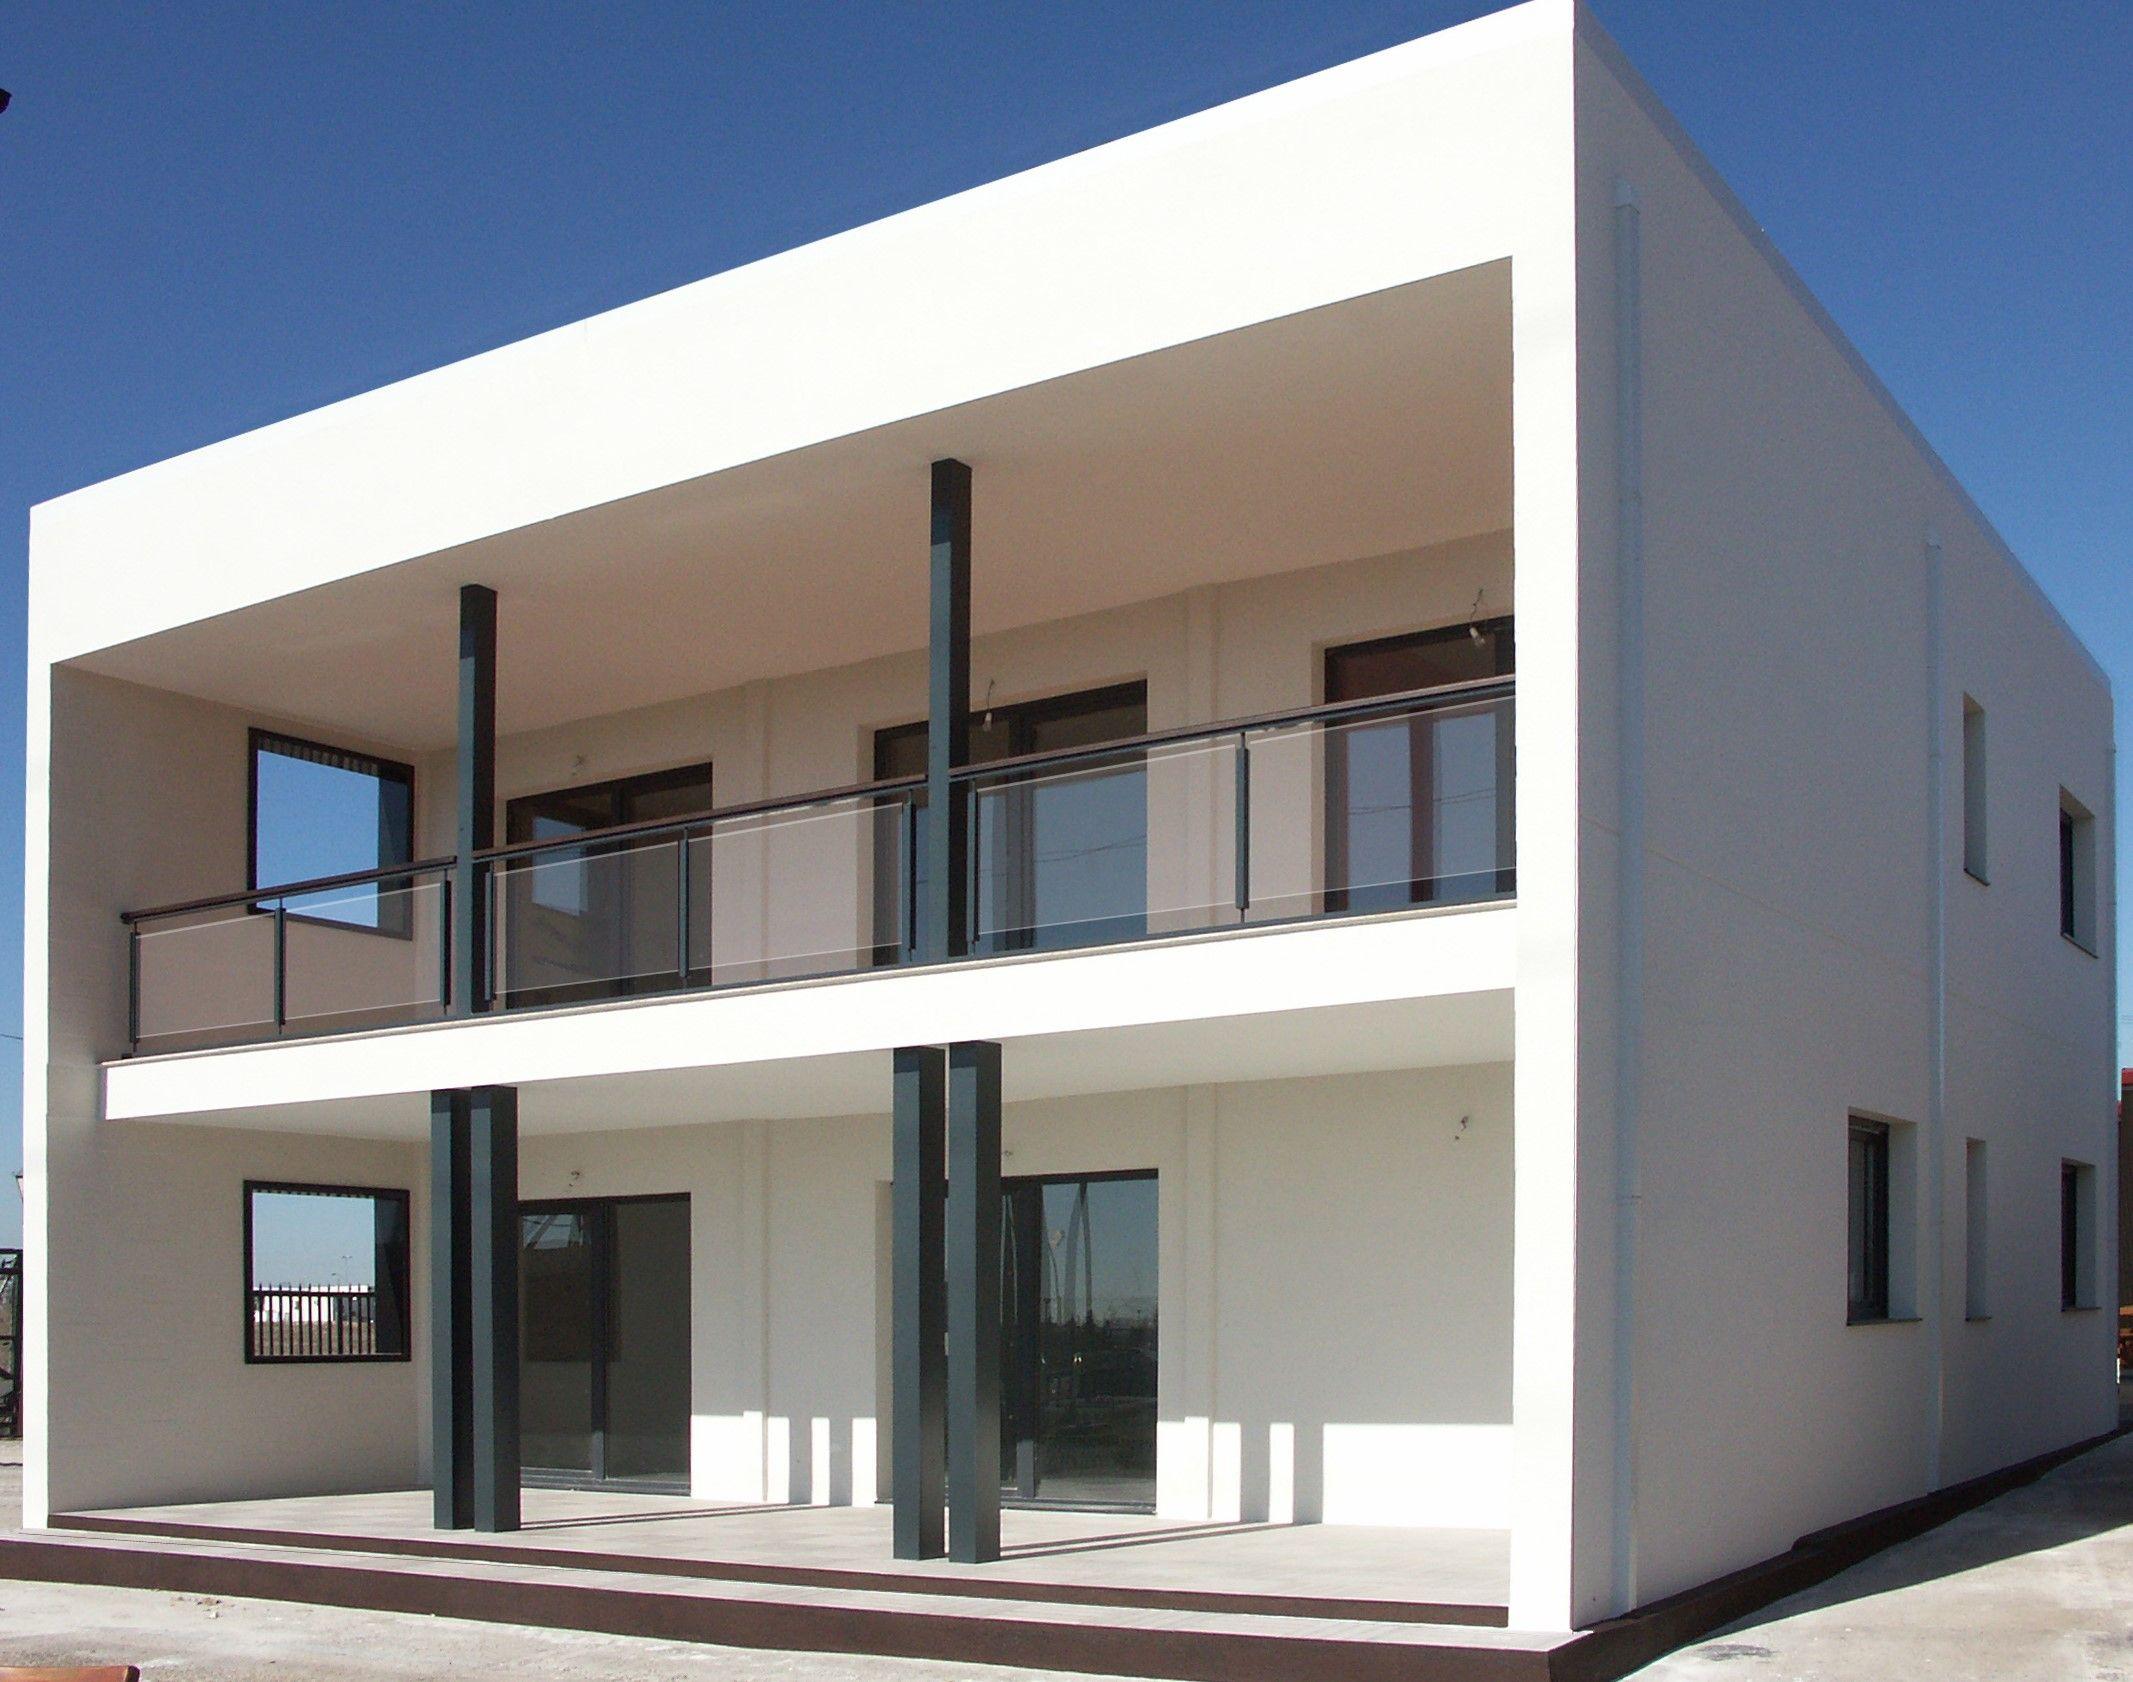 Casa prefabricada de acero y hormigon cubica estilo - Casas de prefabricadas de hormigon ...